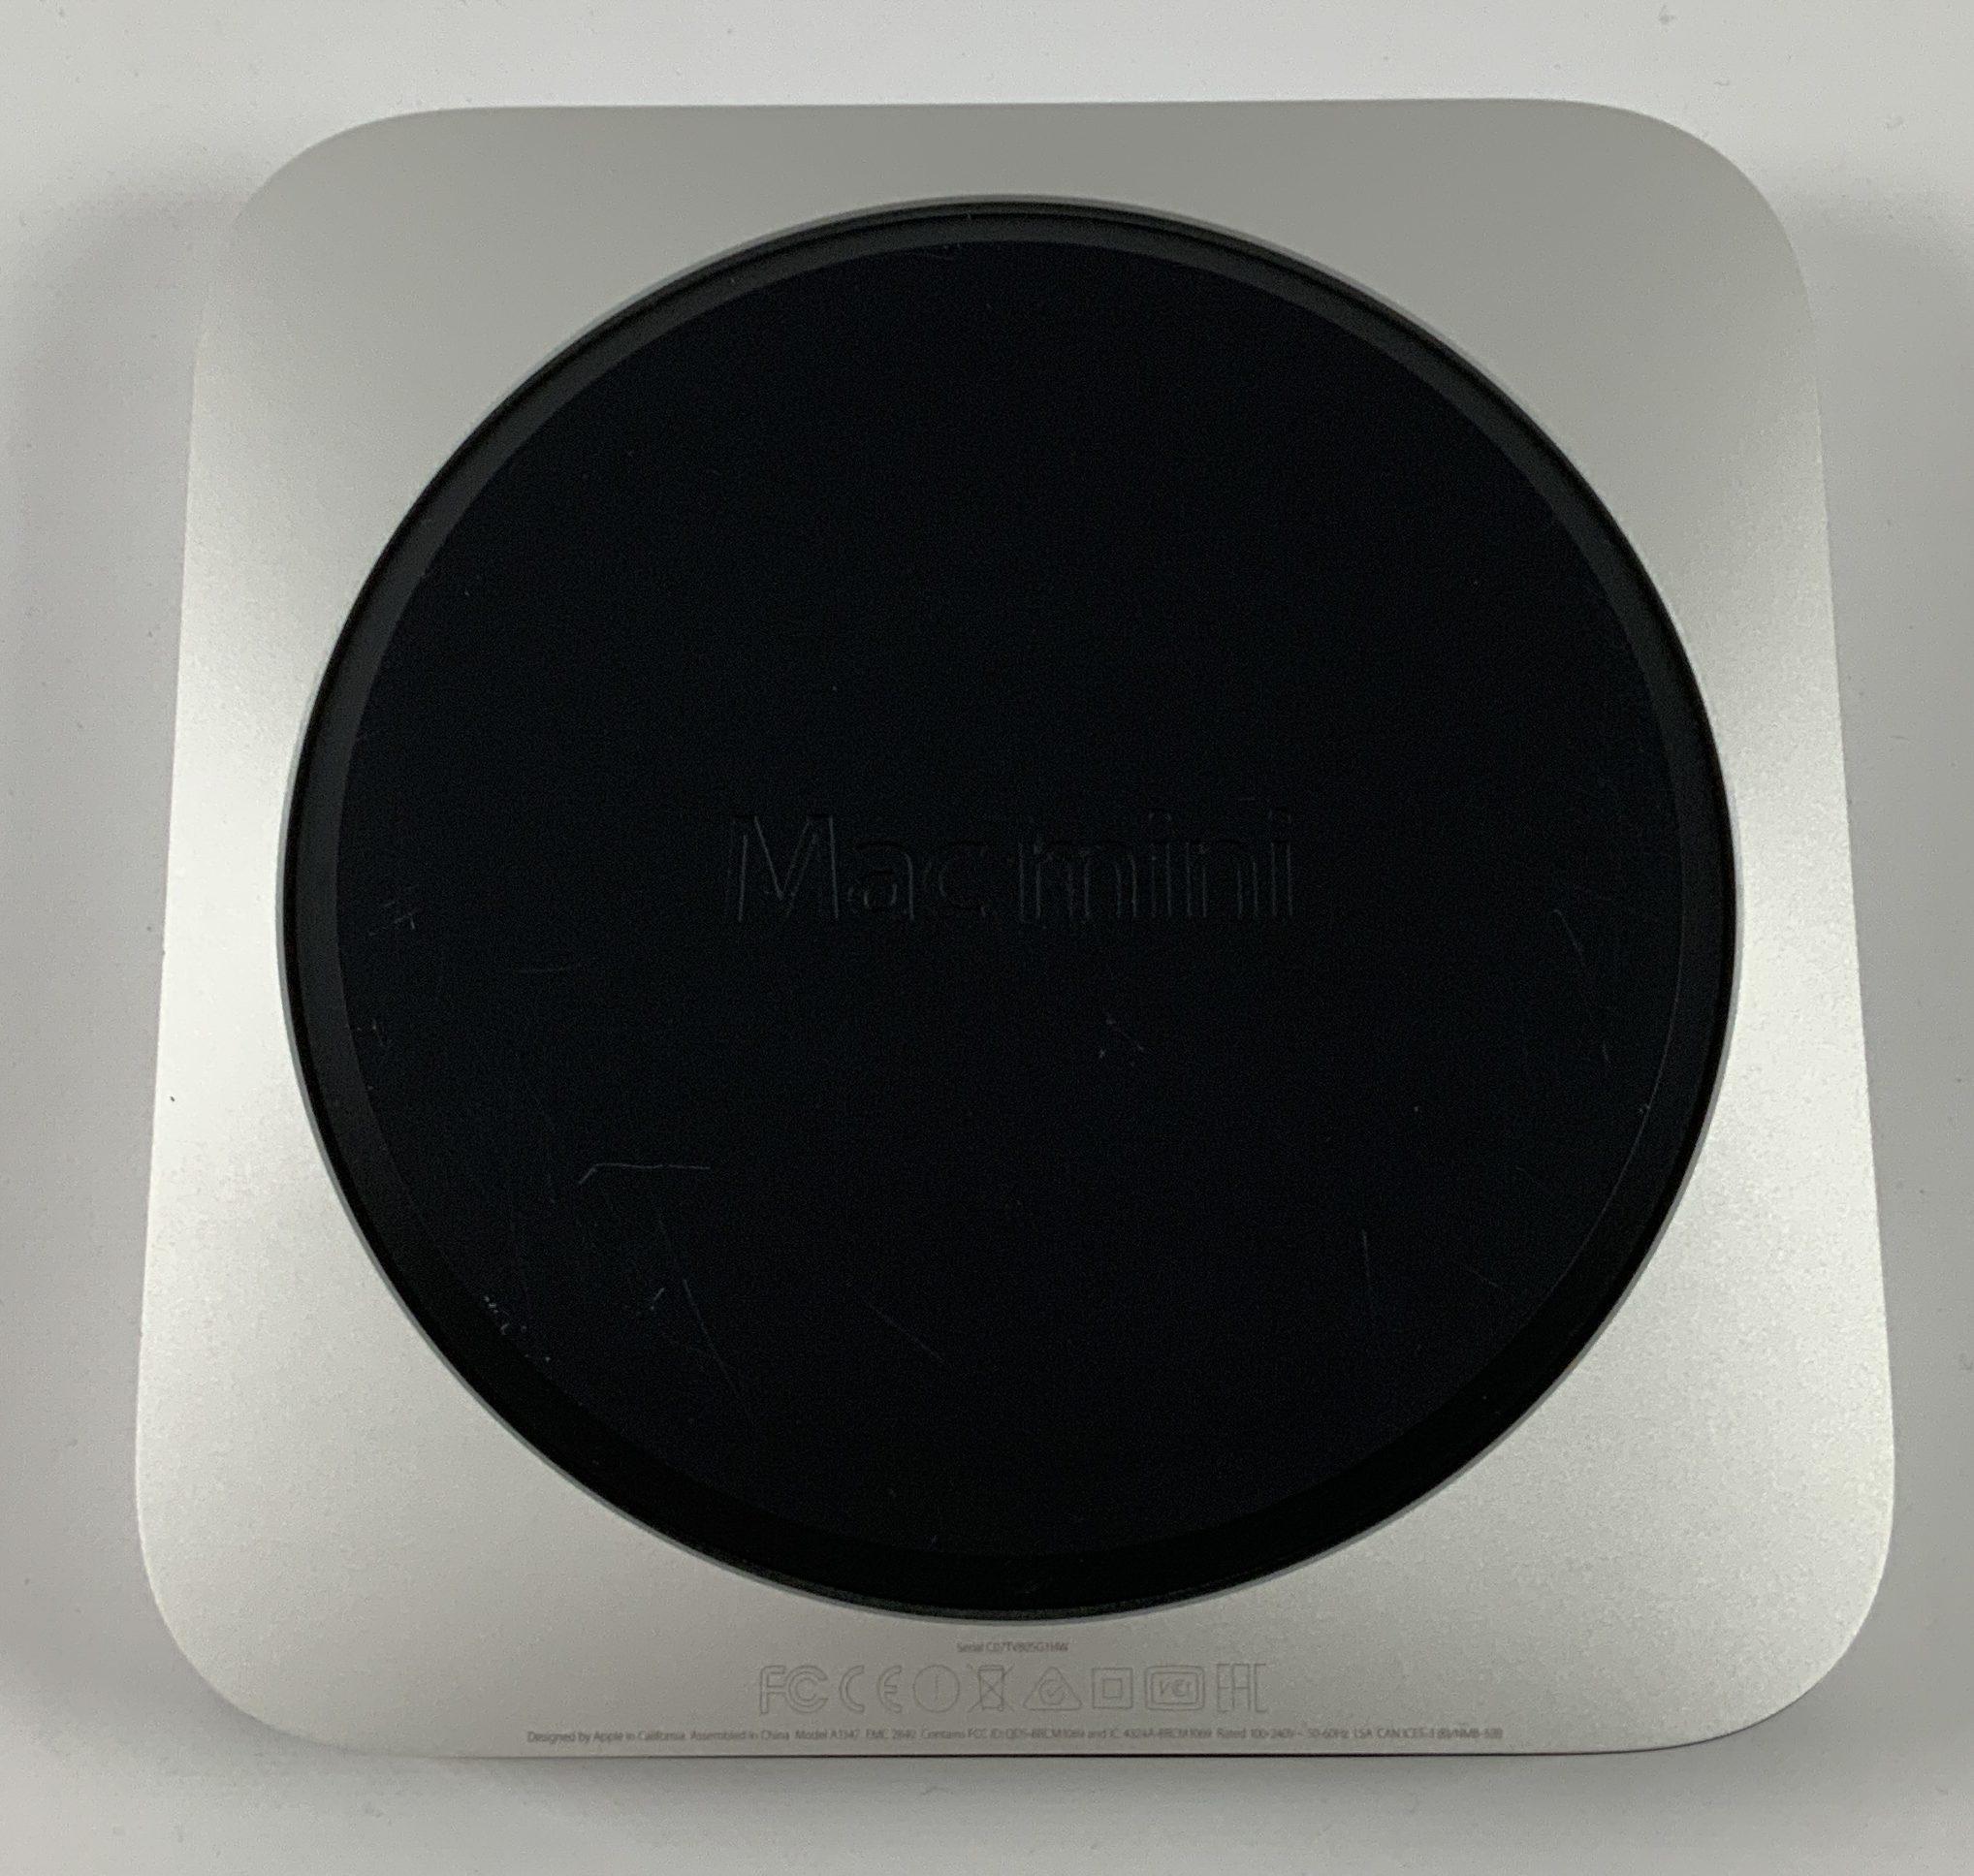 Mac Mini Late 2014 (Intel Core i5 2.6 GHz 8 GB RAM 1 TB HDD), Intel Core i5 2.6 GHz, 8 GB RAM, 1 TB HDD, Kuva 2